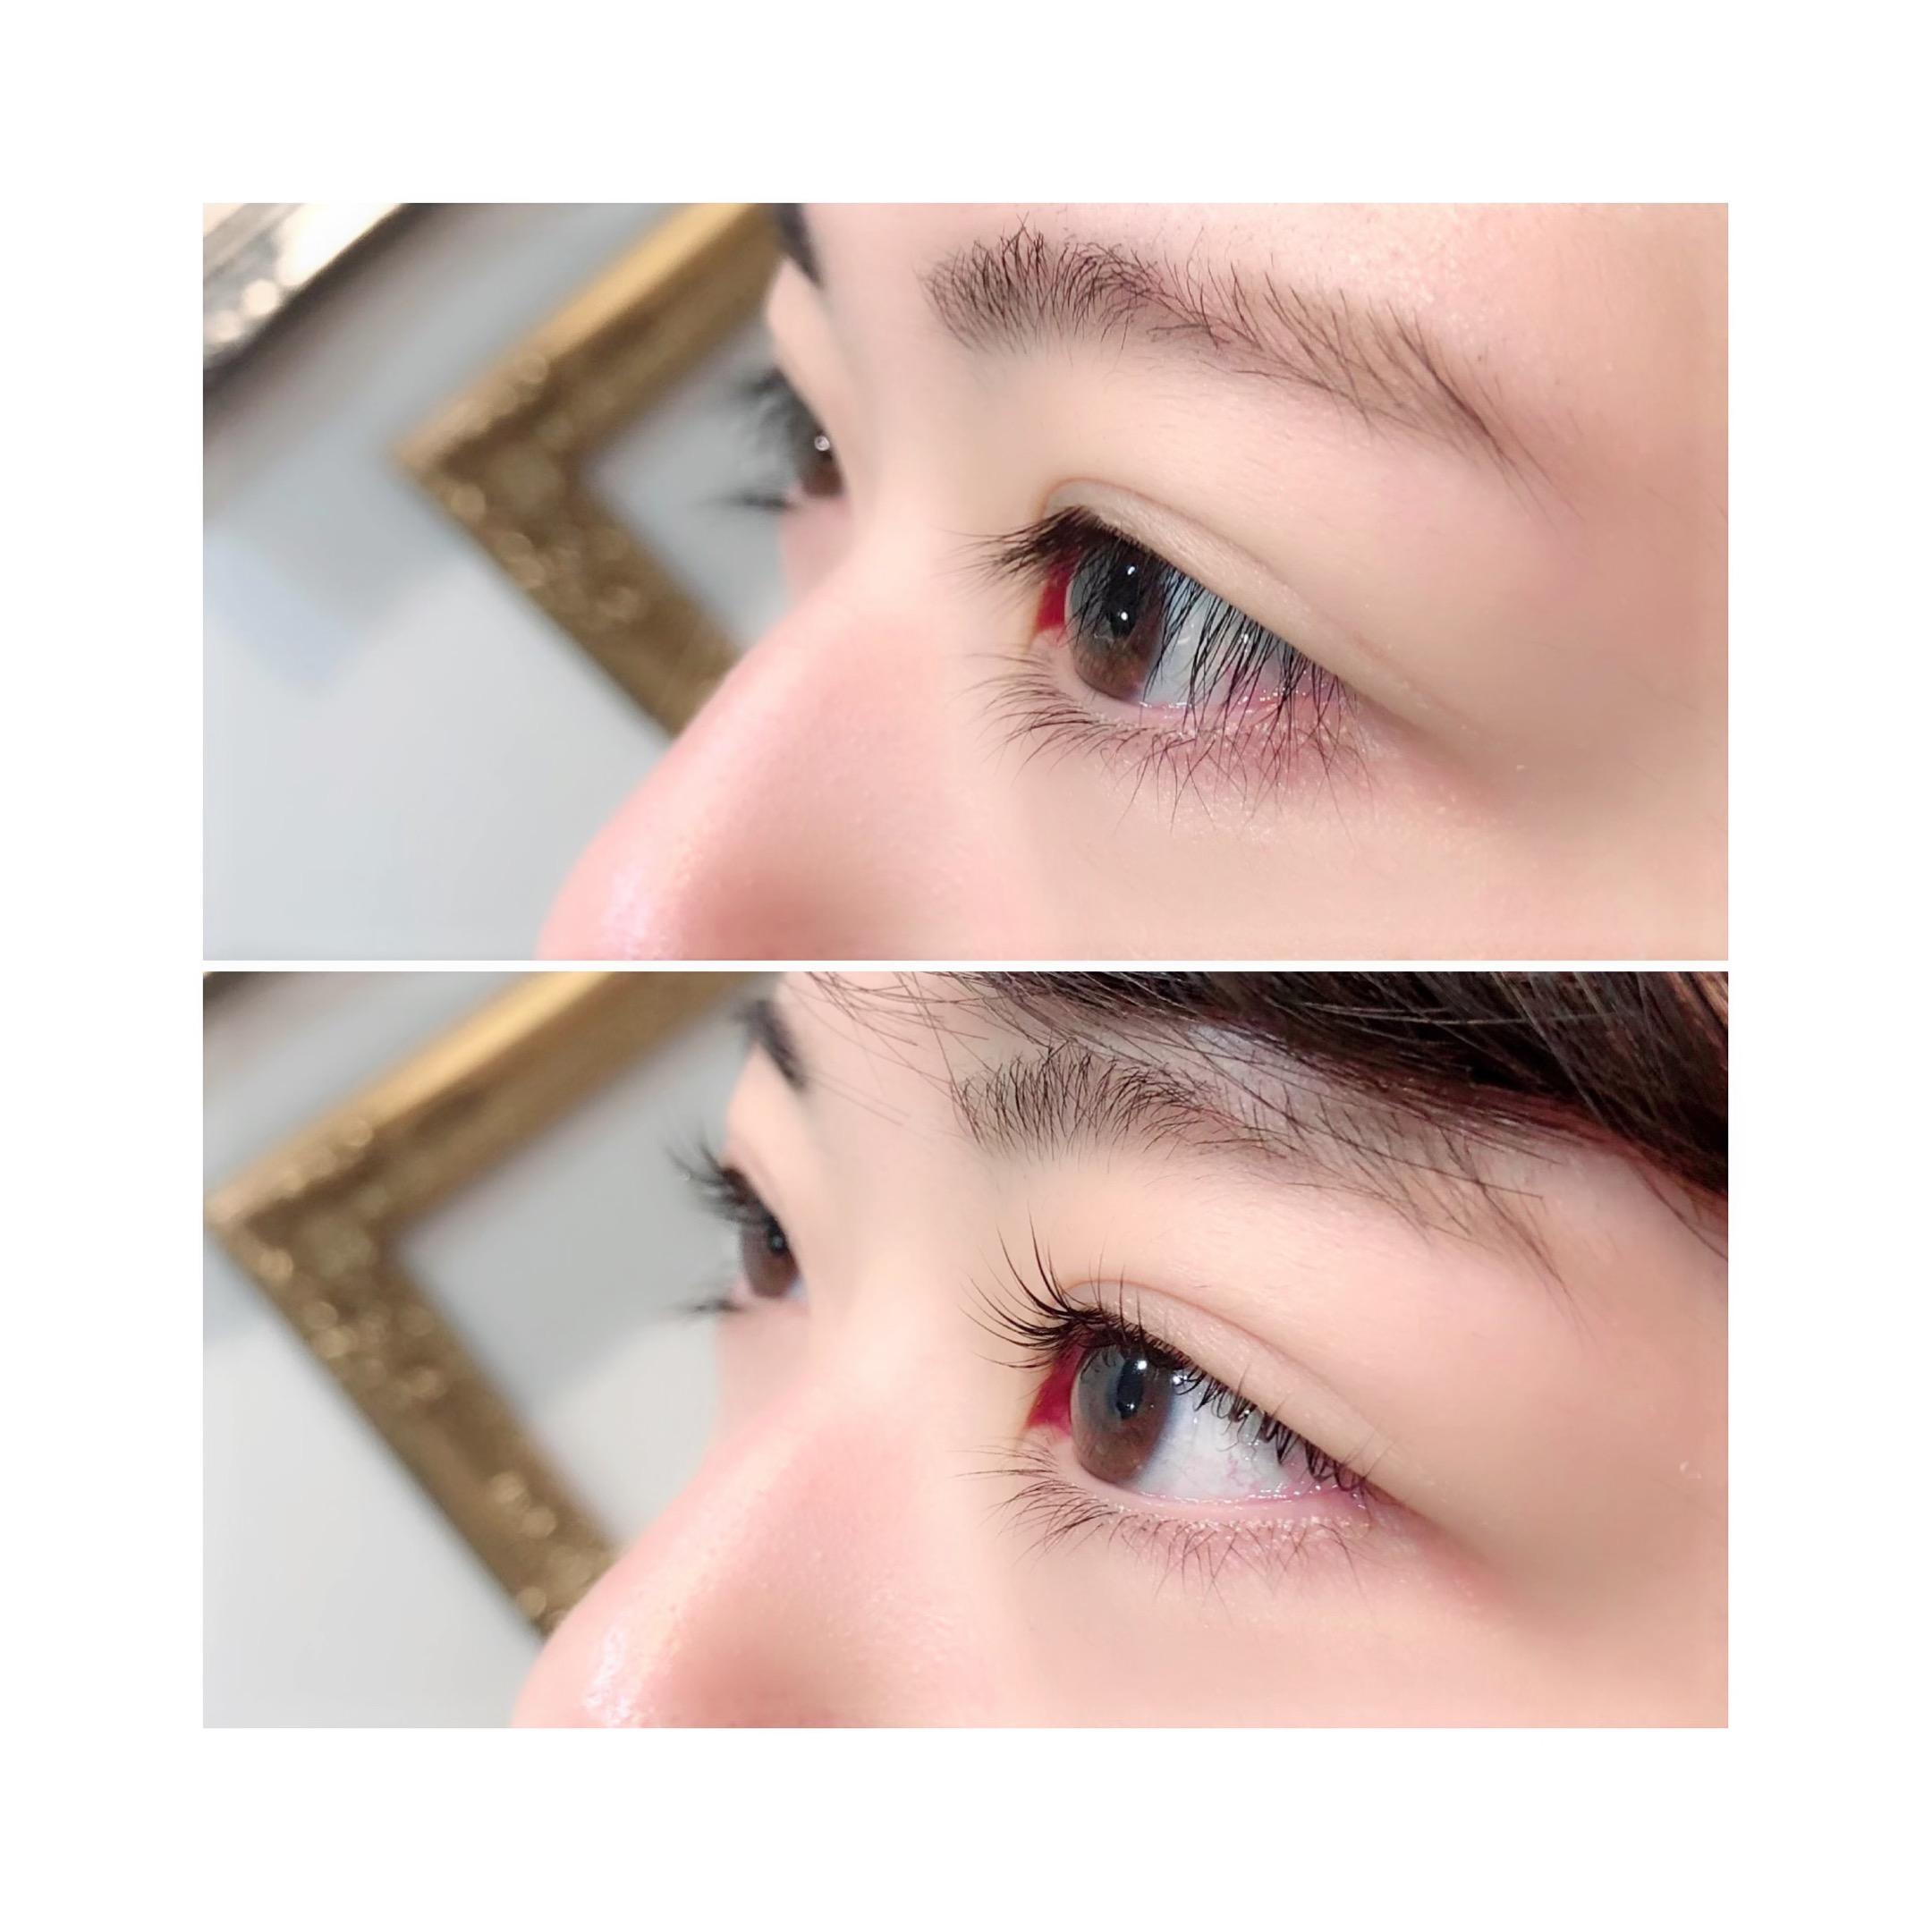 視界スッキリ✨